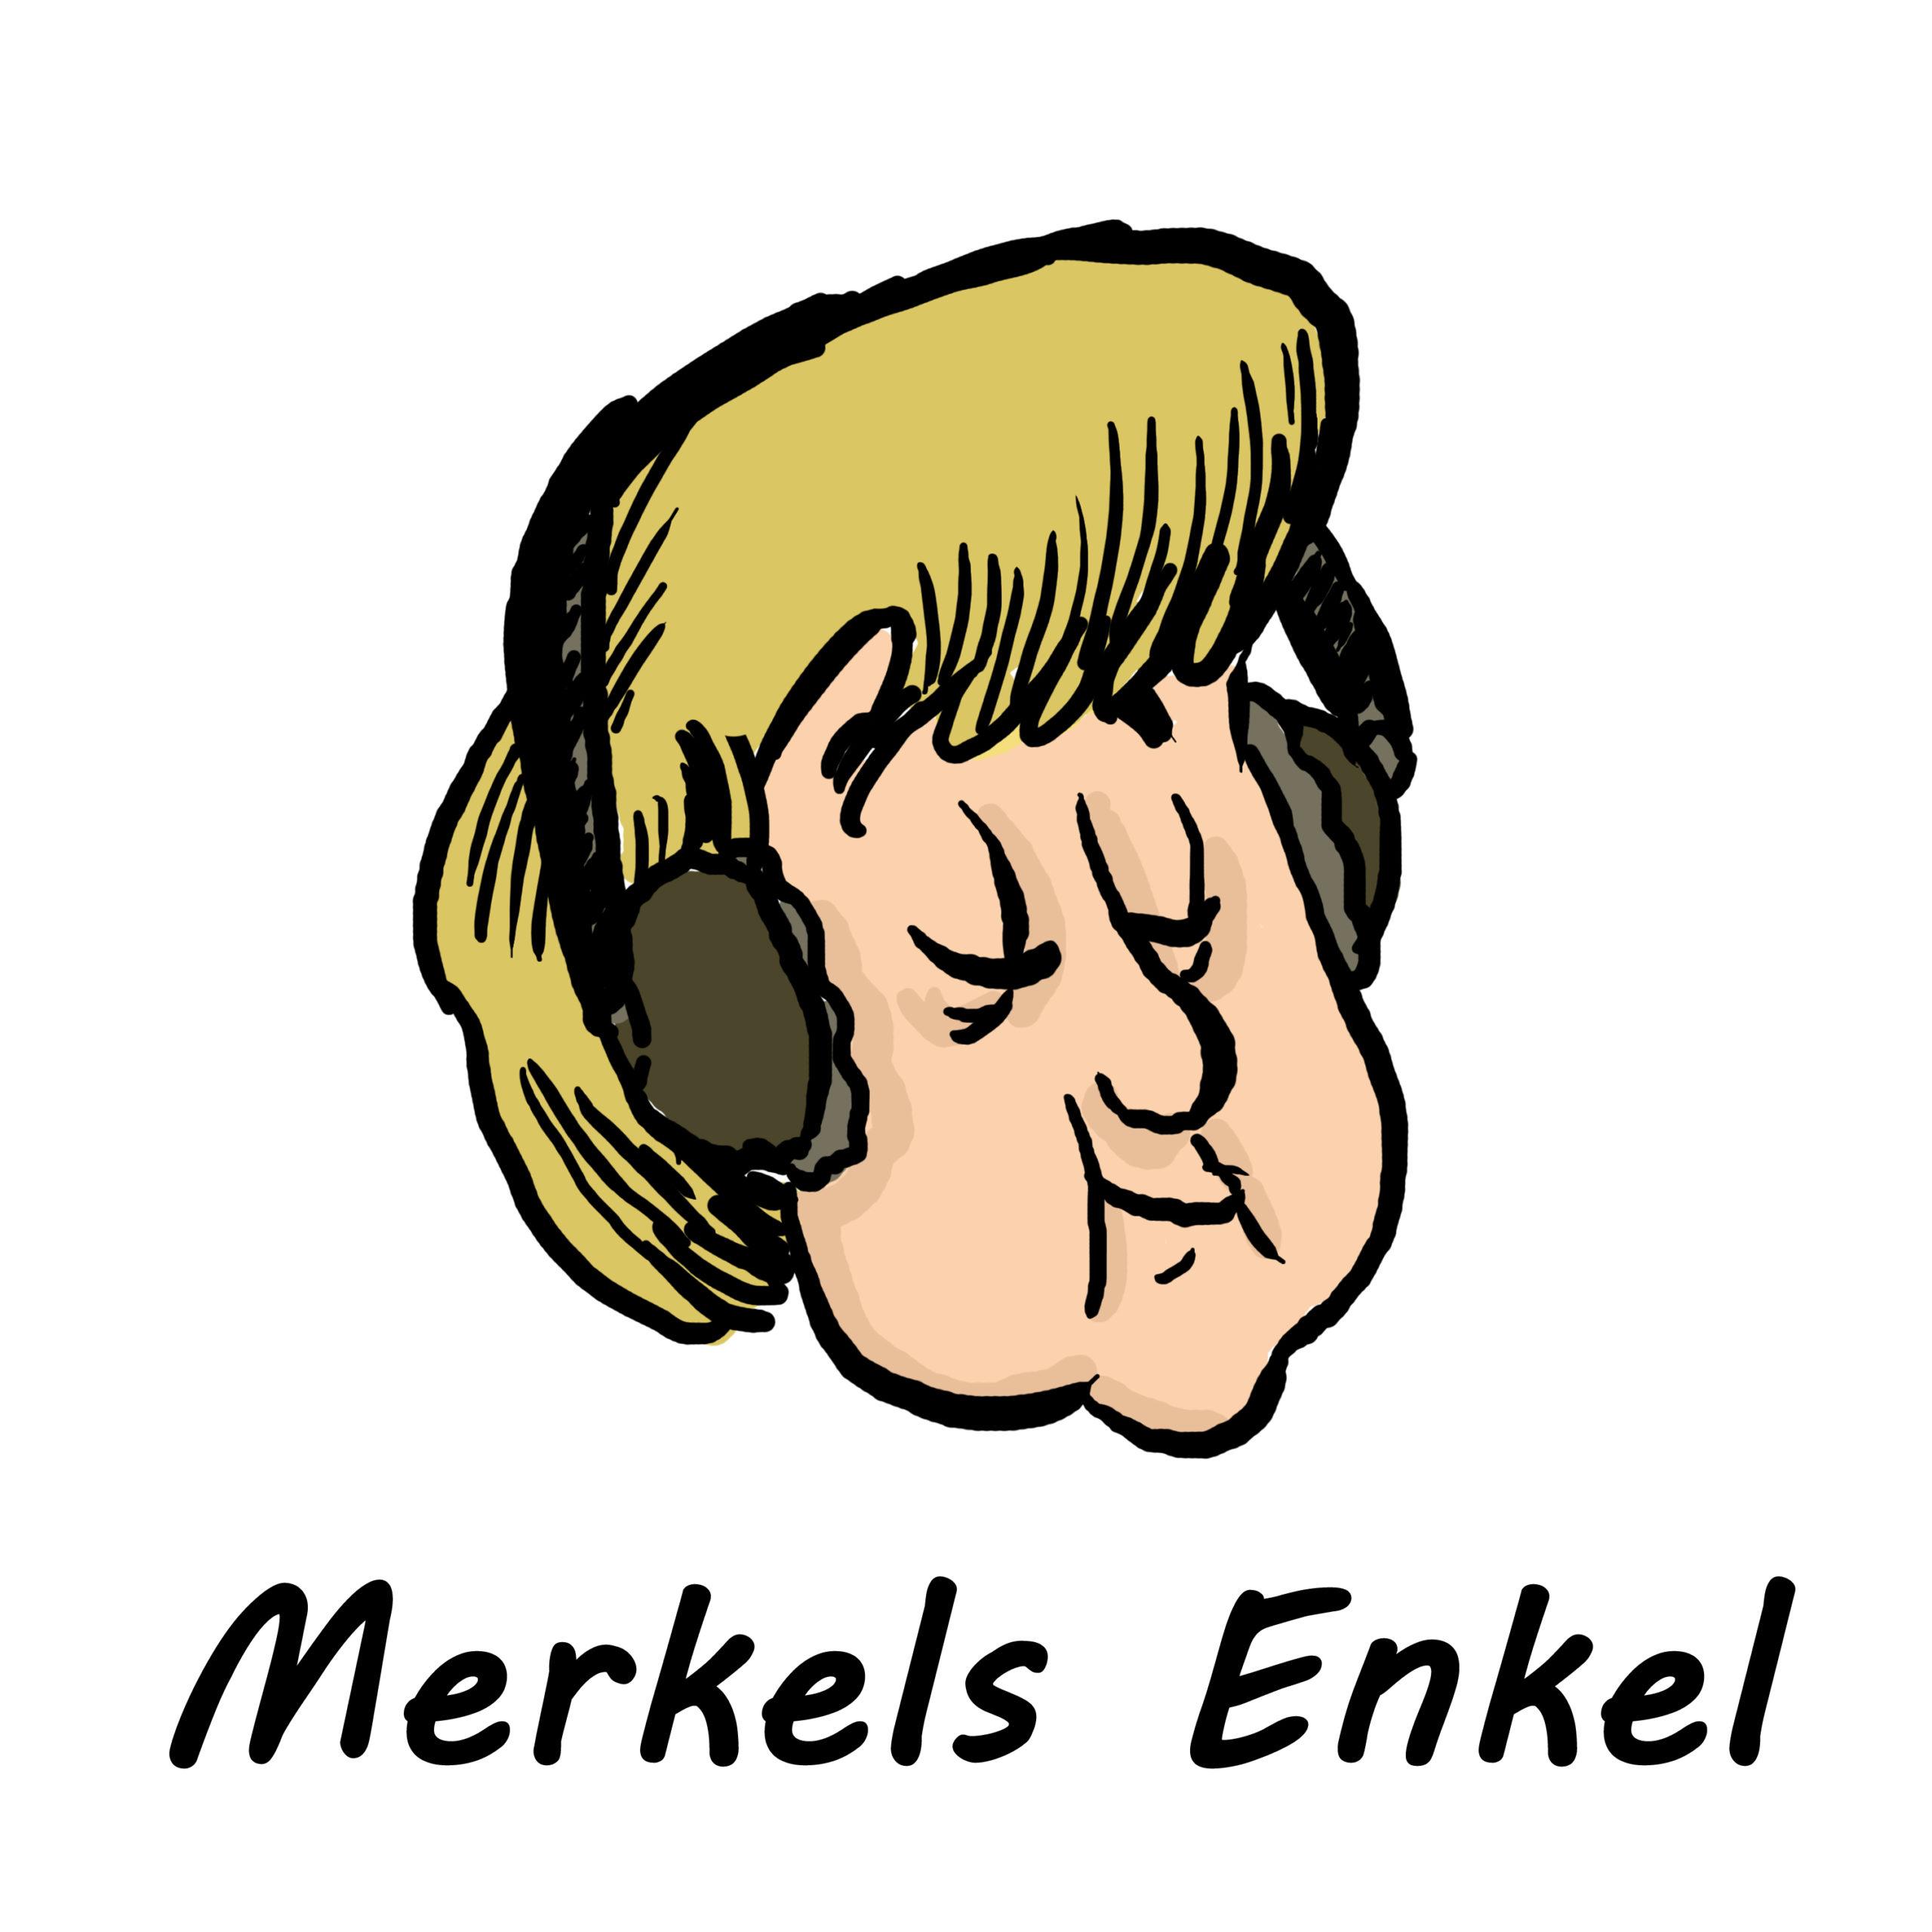 Merkels Enkel